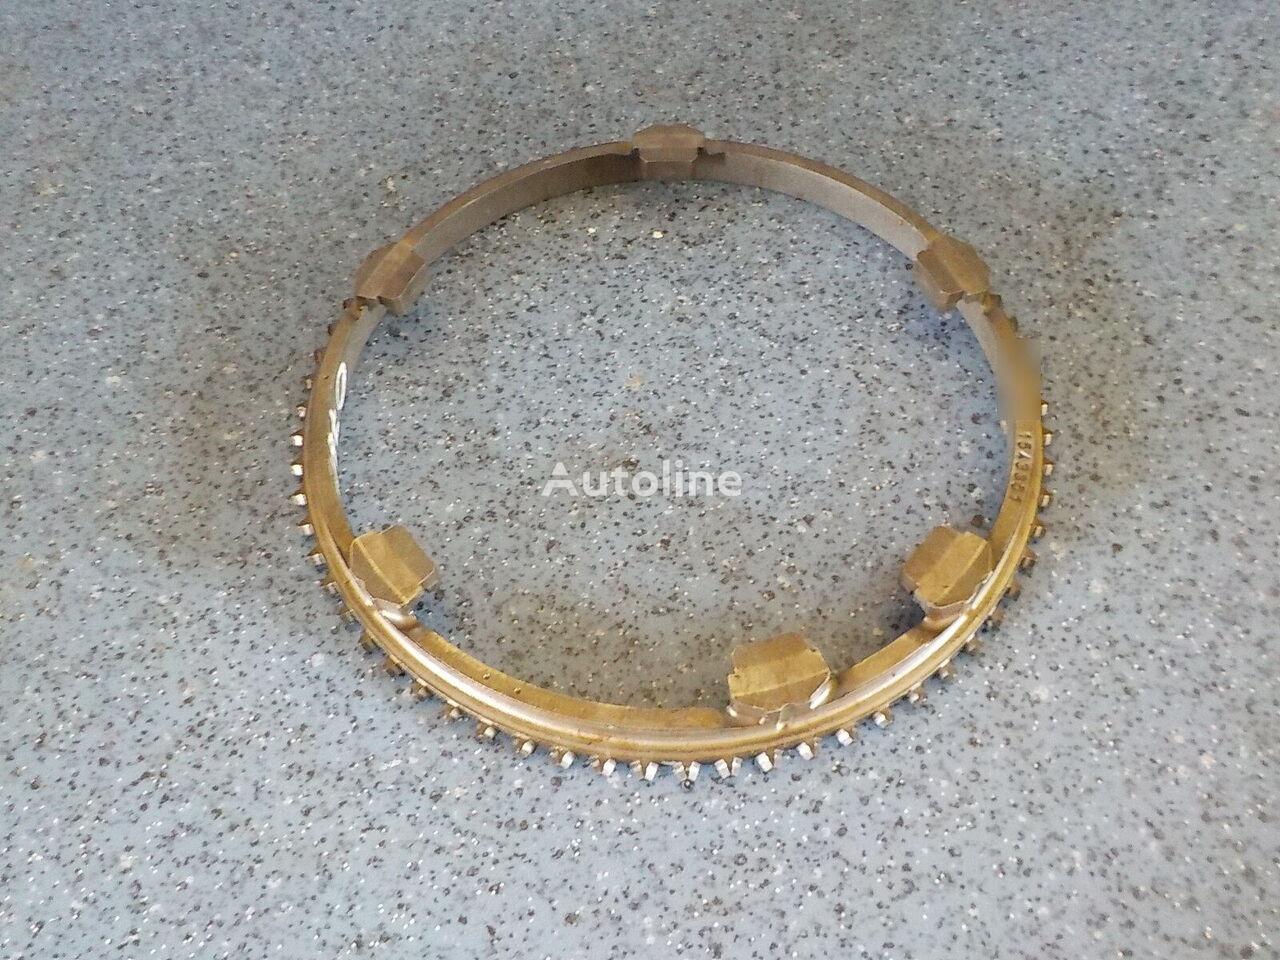 резервни части Конус синхронизатора, сателлитное колесо  SCANIA за камион SCANIA